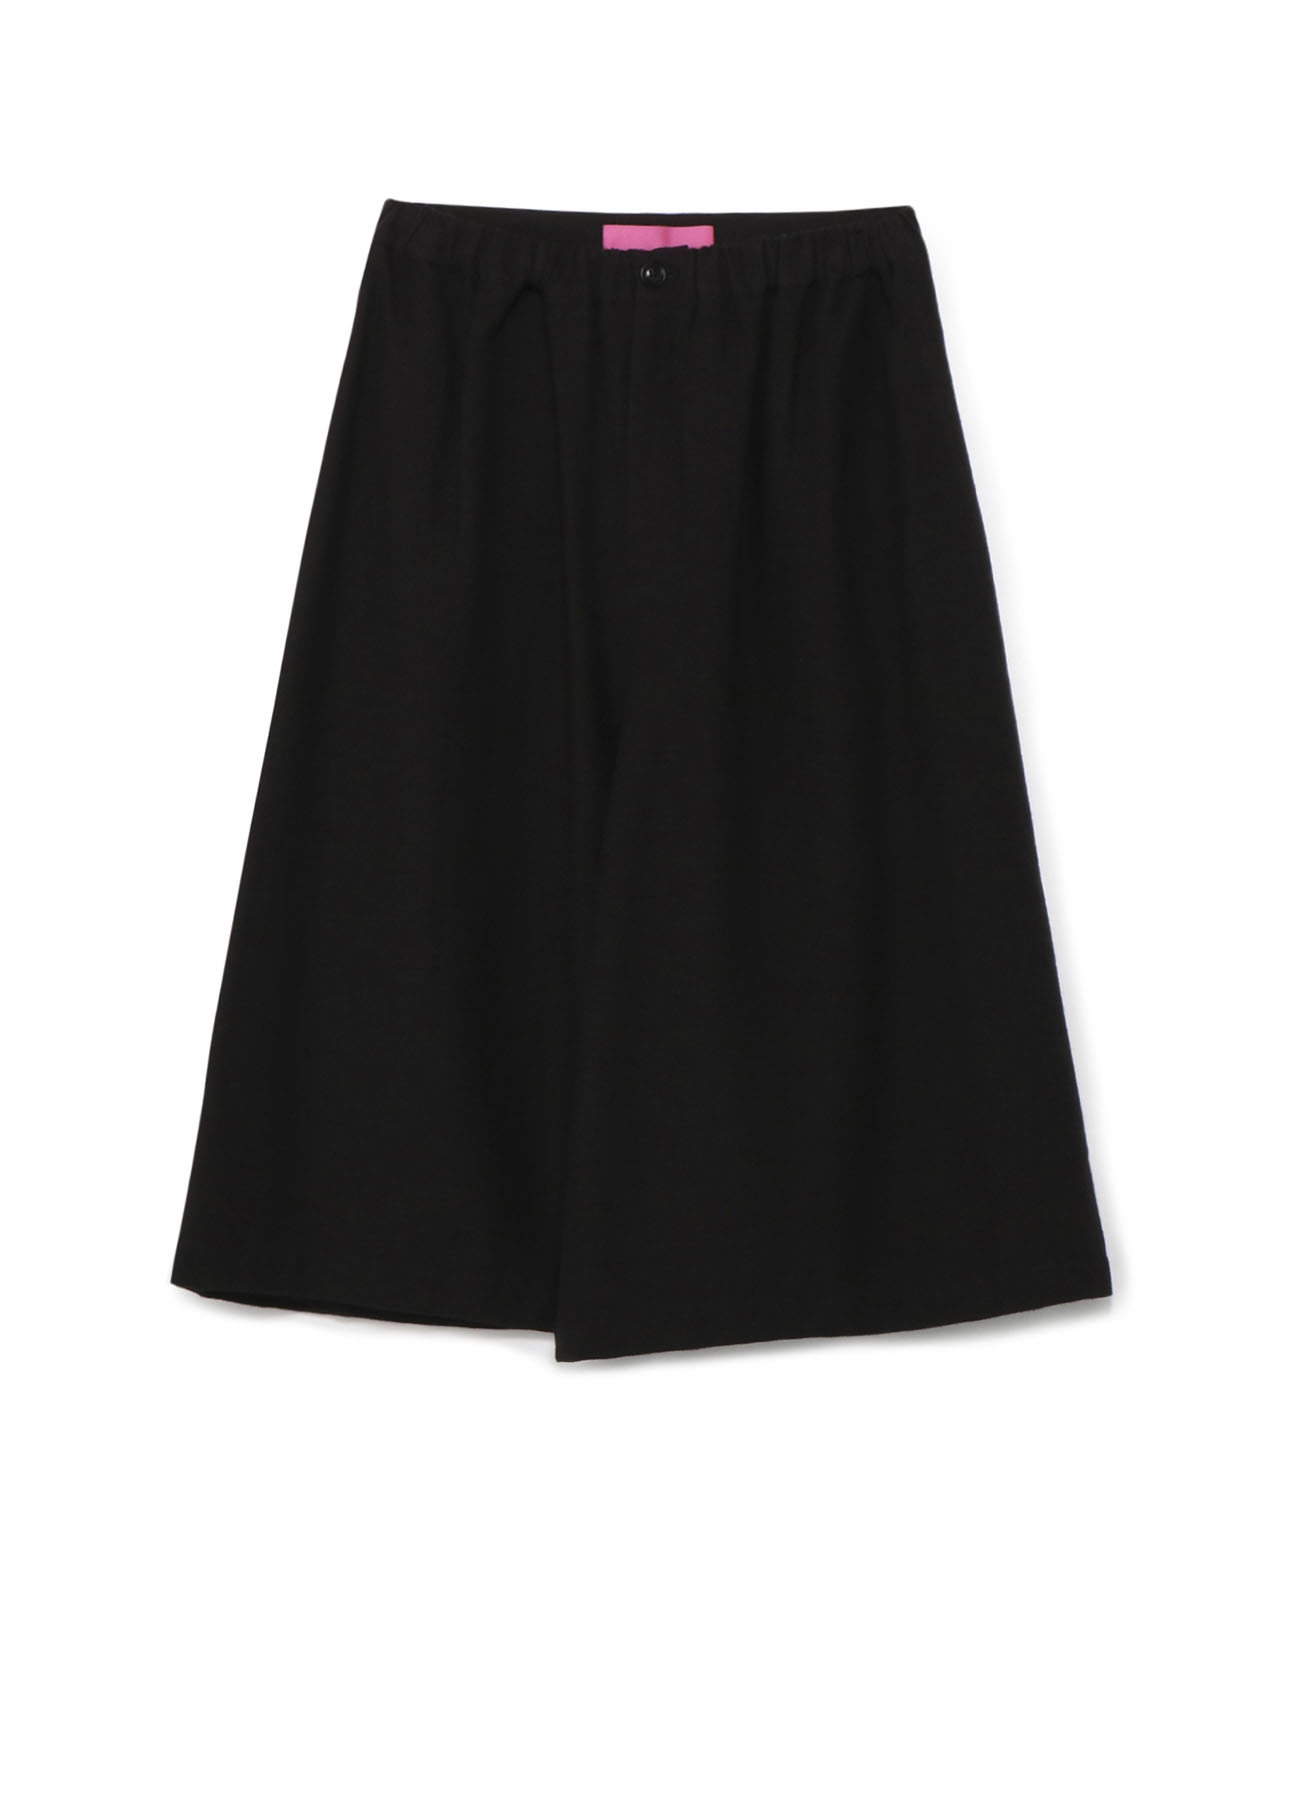 纯棉简约宽裤